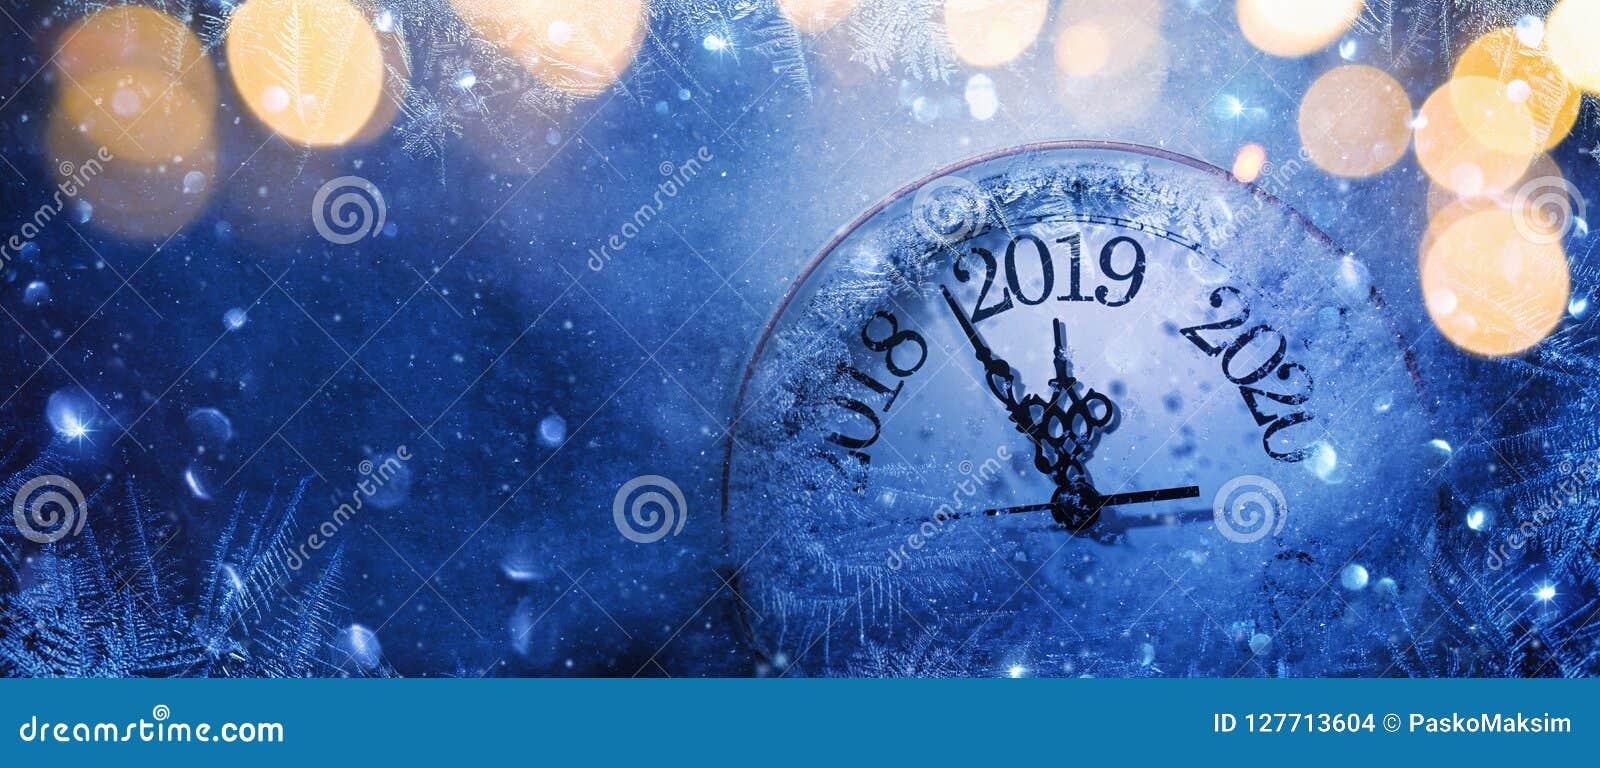 Guten Rutsch ins Neue Jahr 2019 Winterfeier